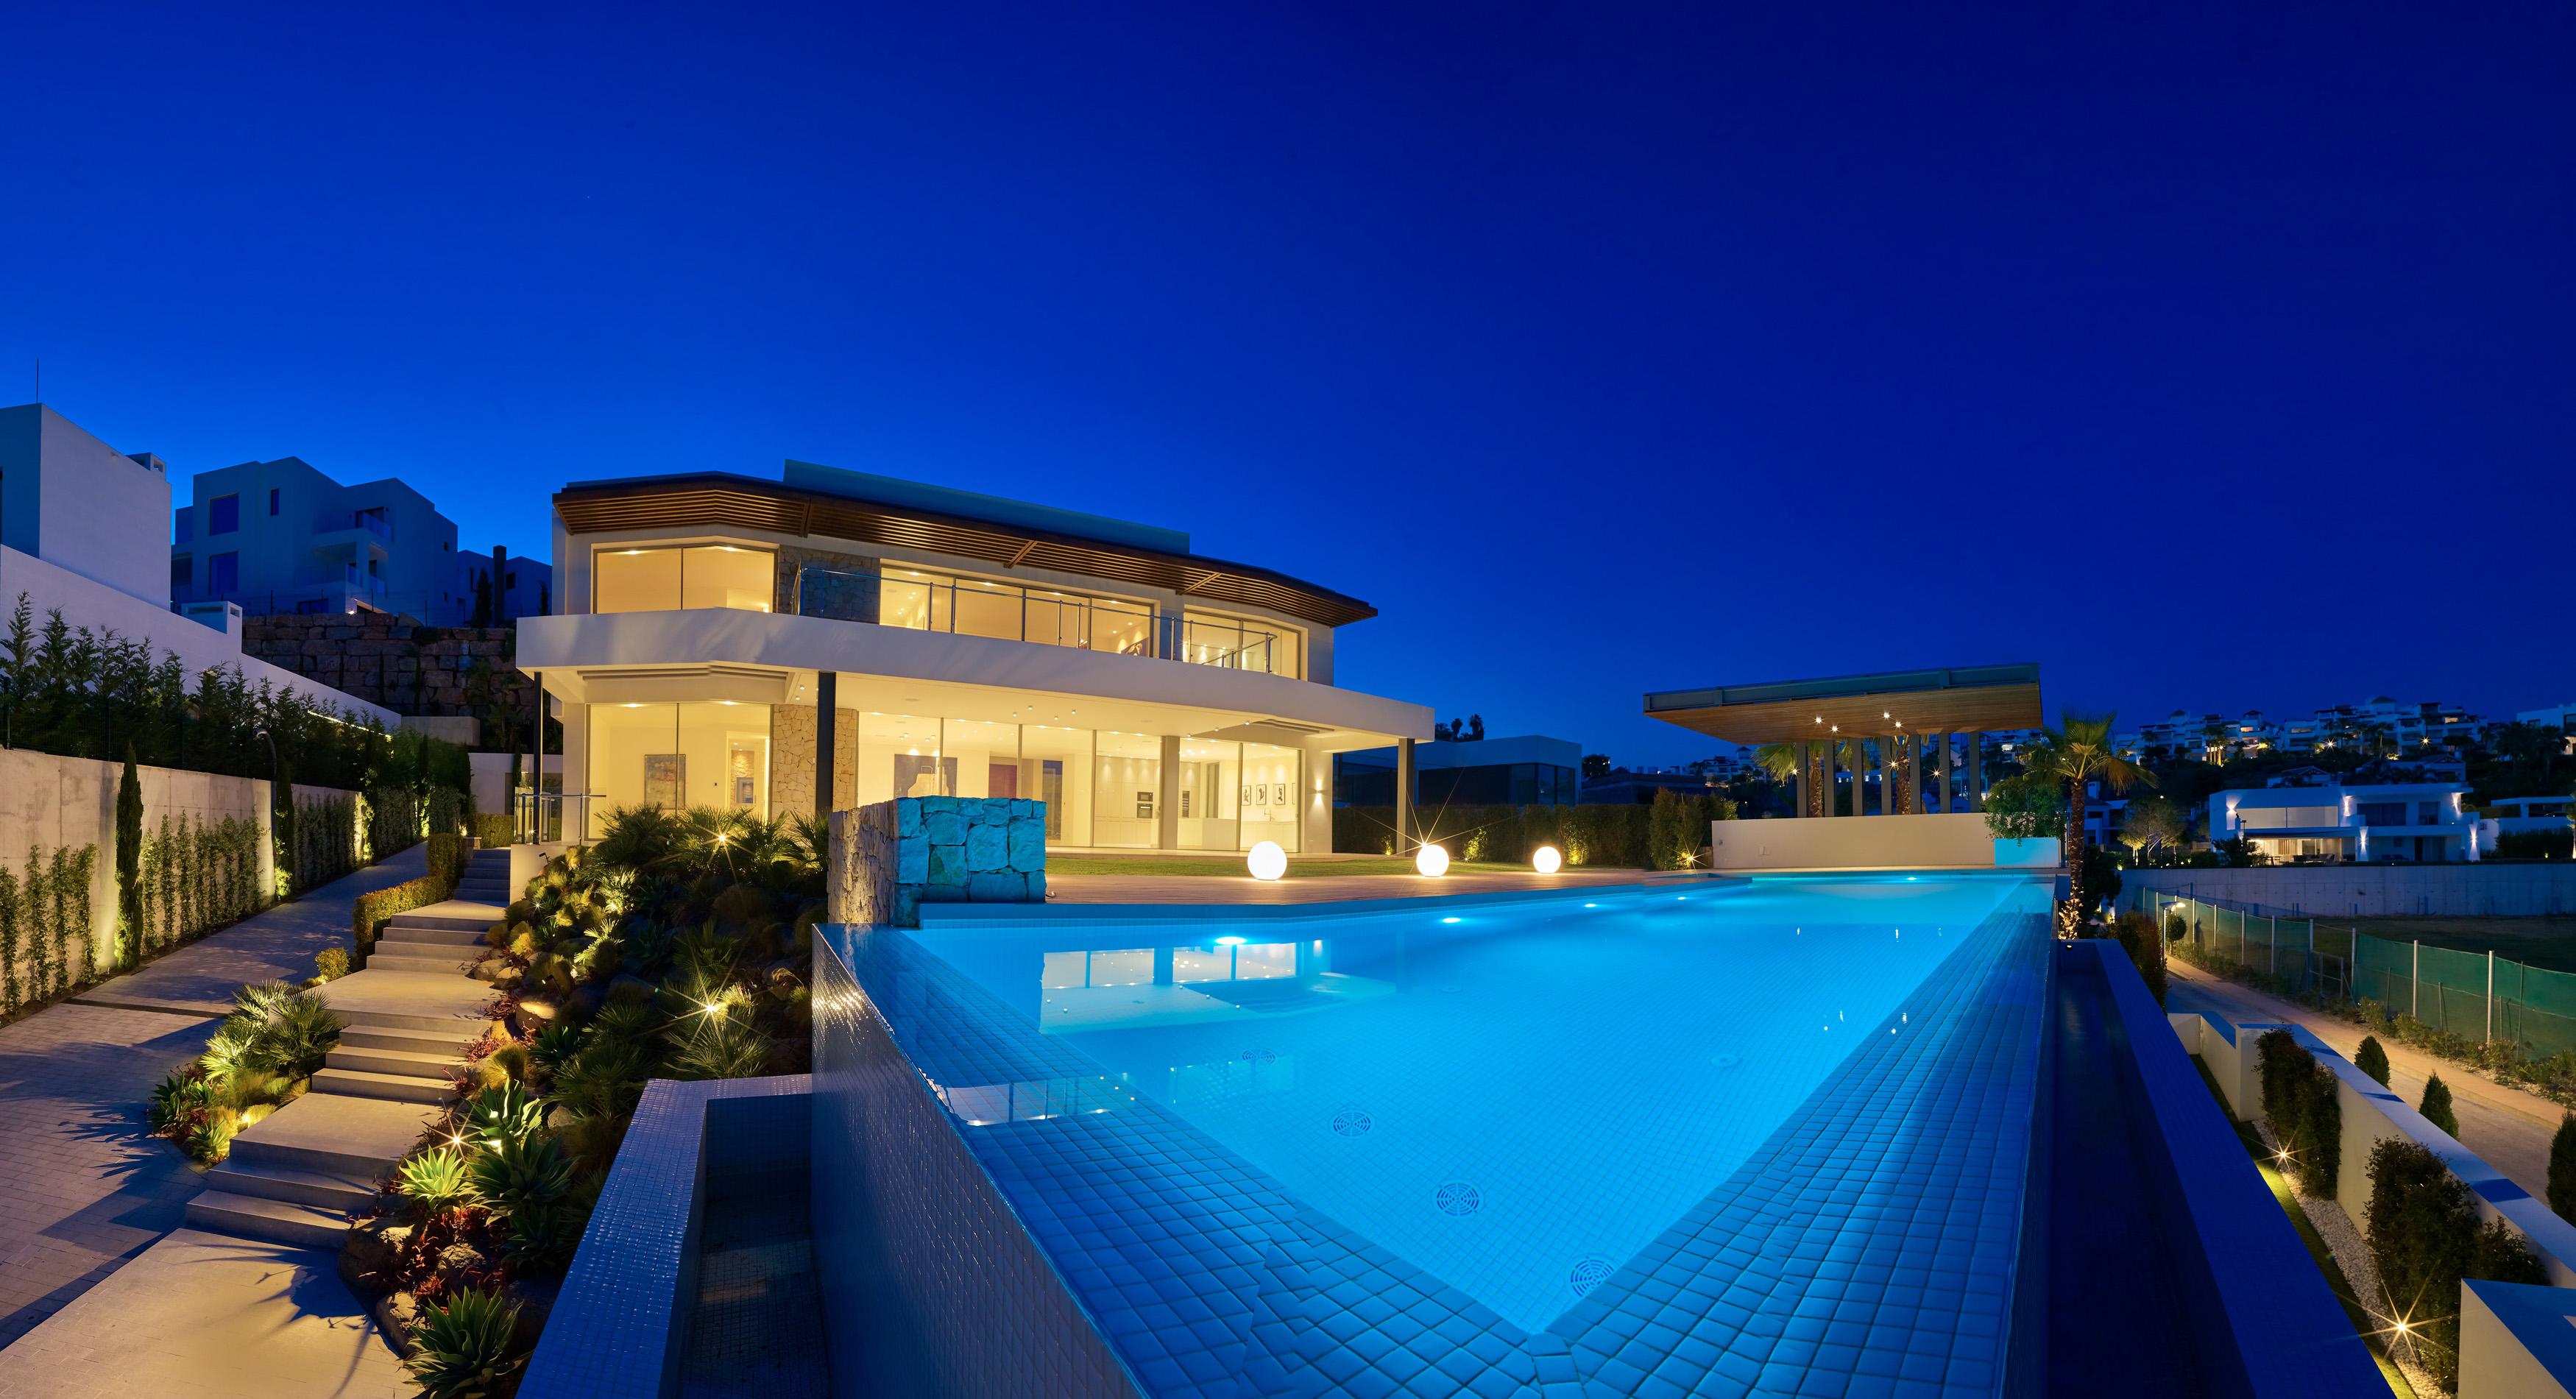 Ref:LUX0218 Villa For Sale in Benahavis